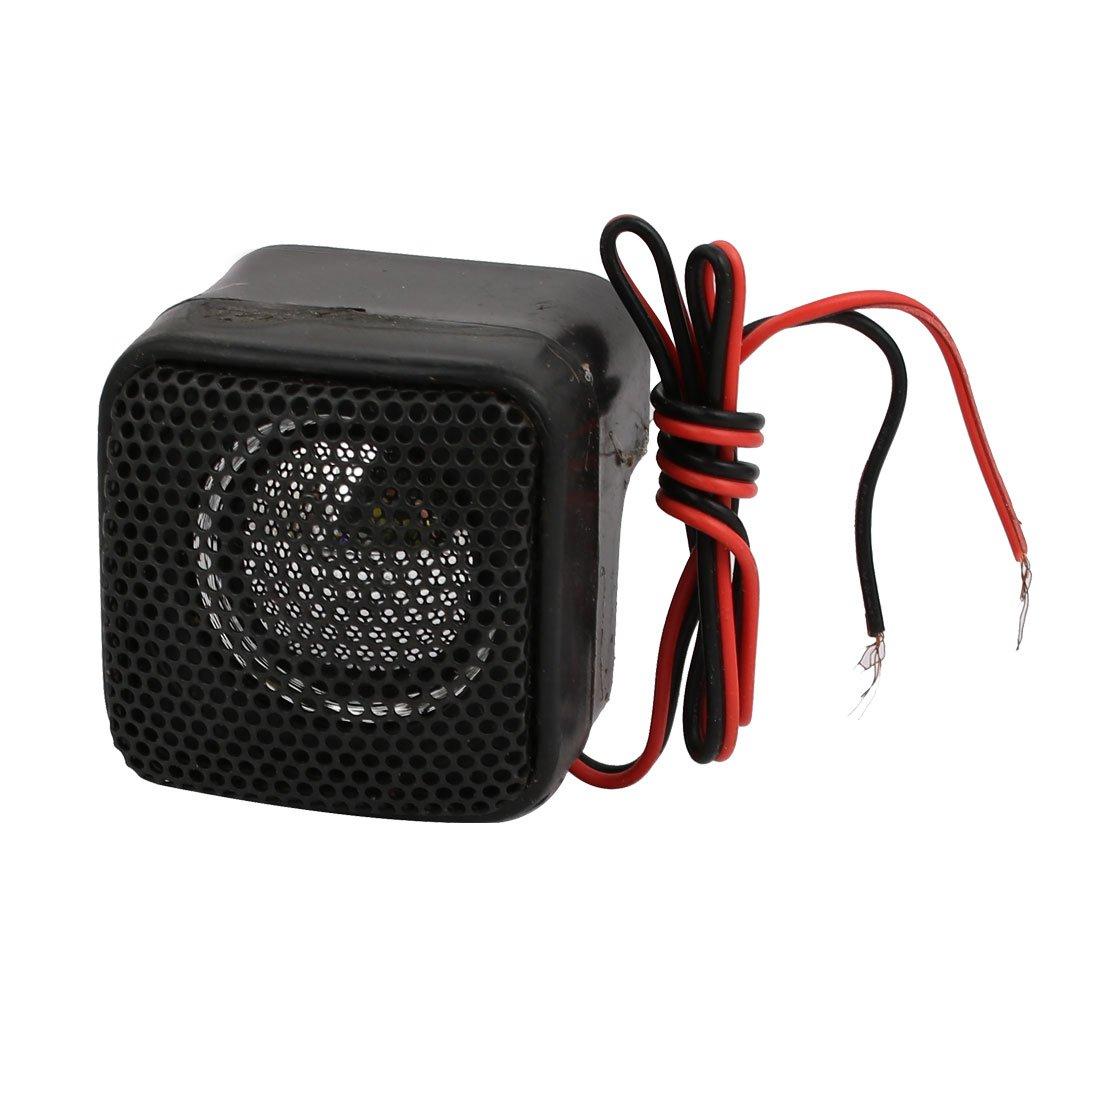 uxcell Plastic Shell Loudspeaker Speaker 45mm x 45mm x 45mm